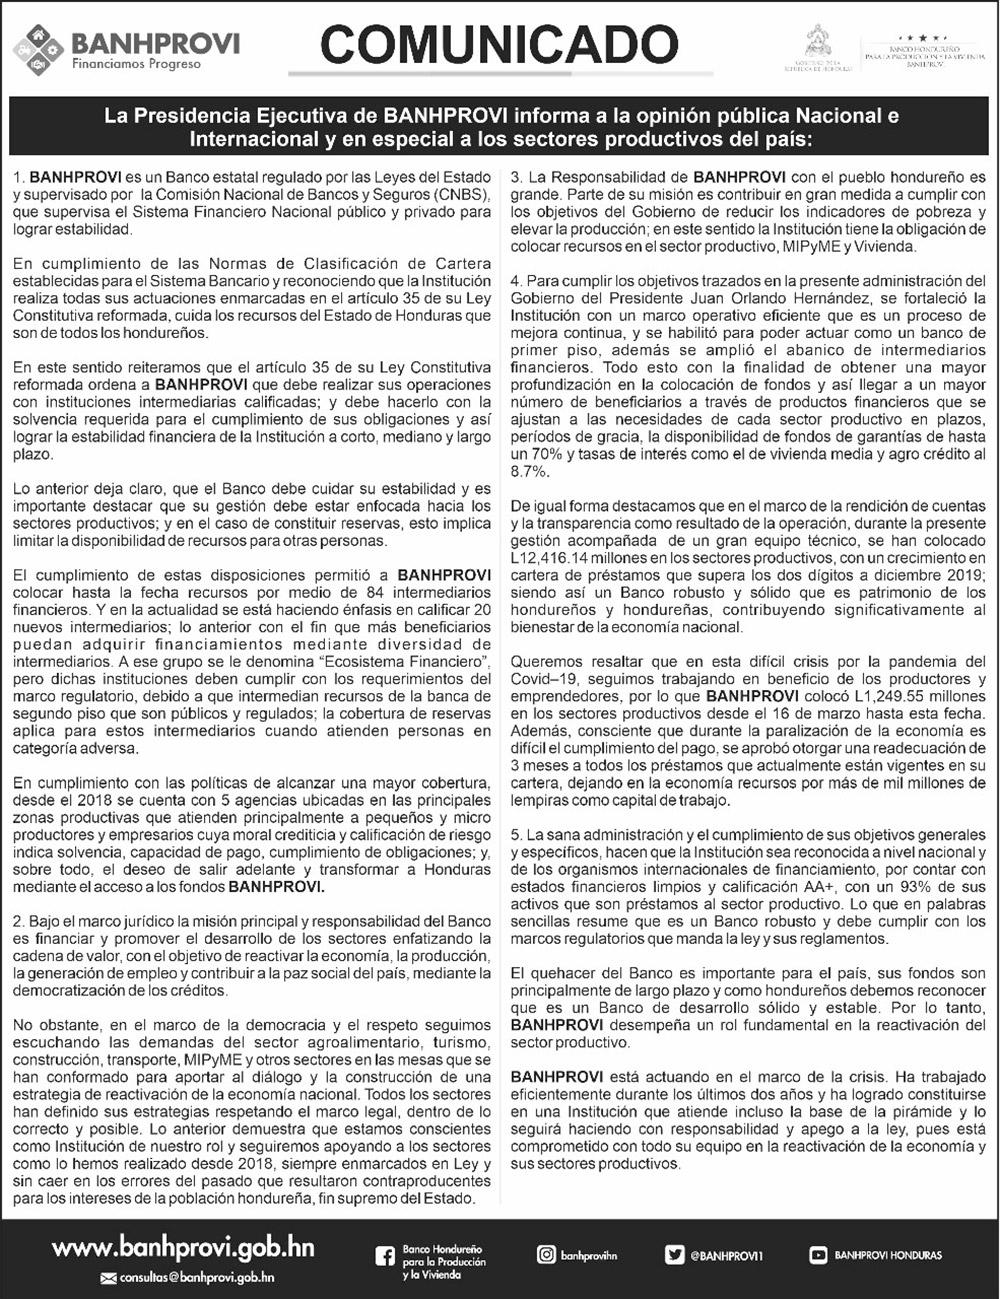 Banhprovi reitera compromiso de cuidar los recursos de Honduras durante la pandemia